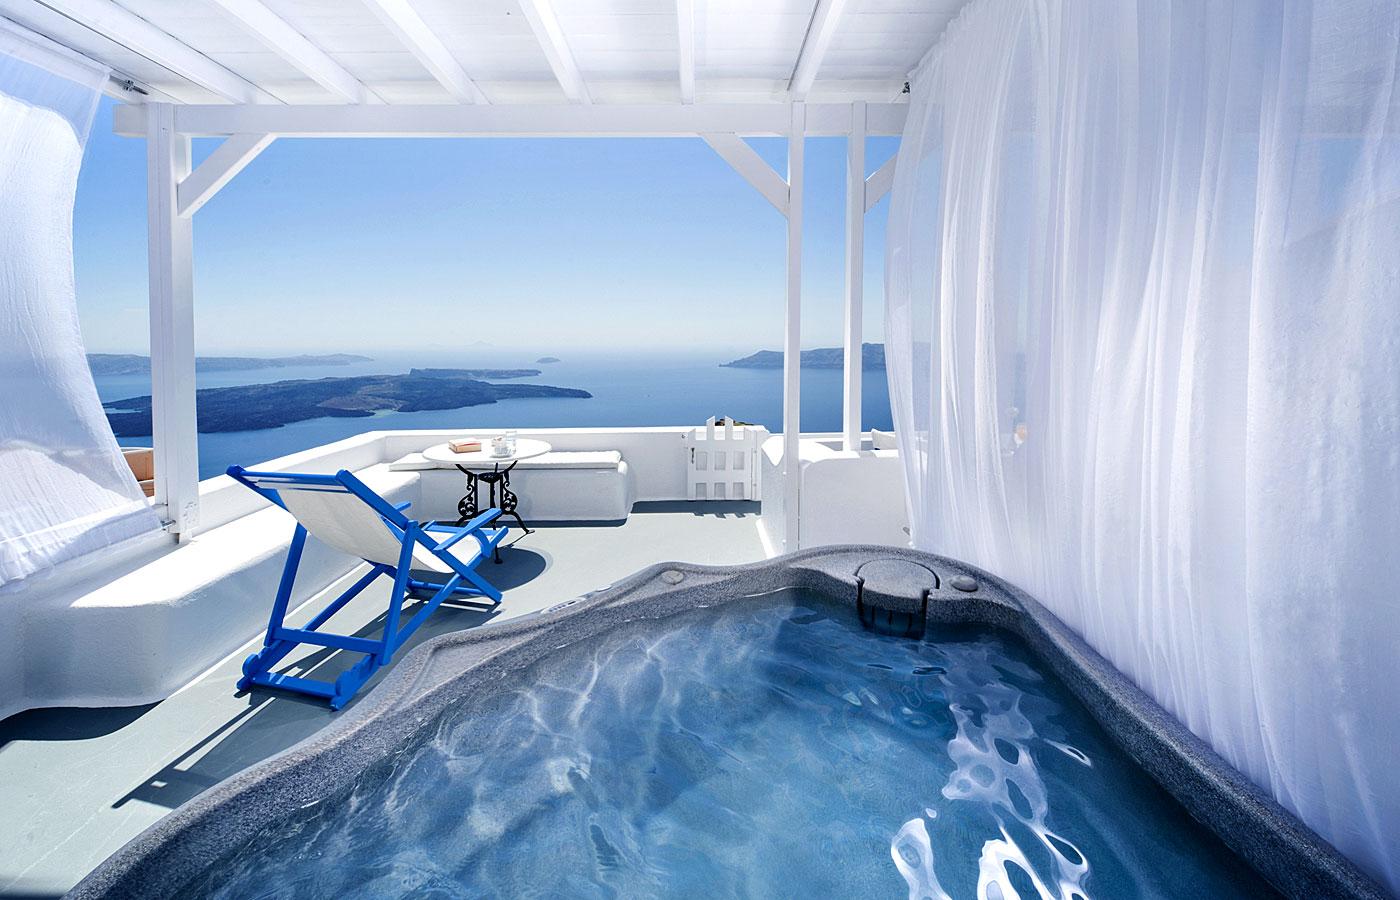 Τα καλύτερα οικονομικά ξενοδοχεία στην Ελλάδα